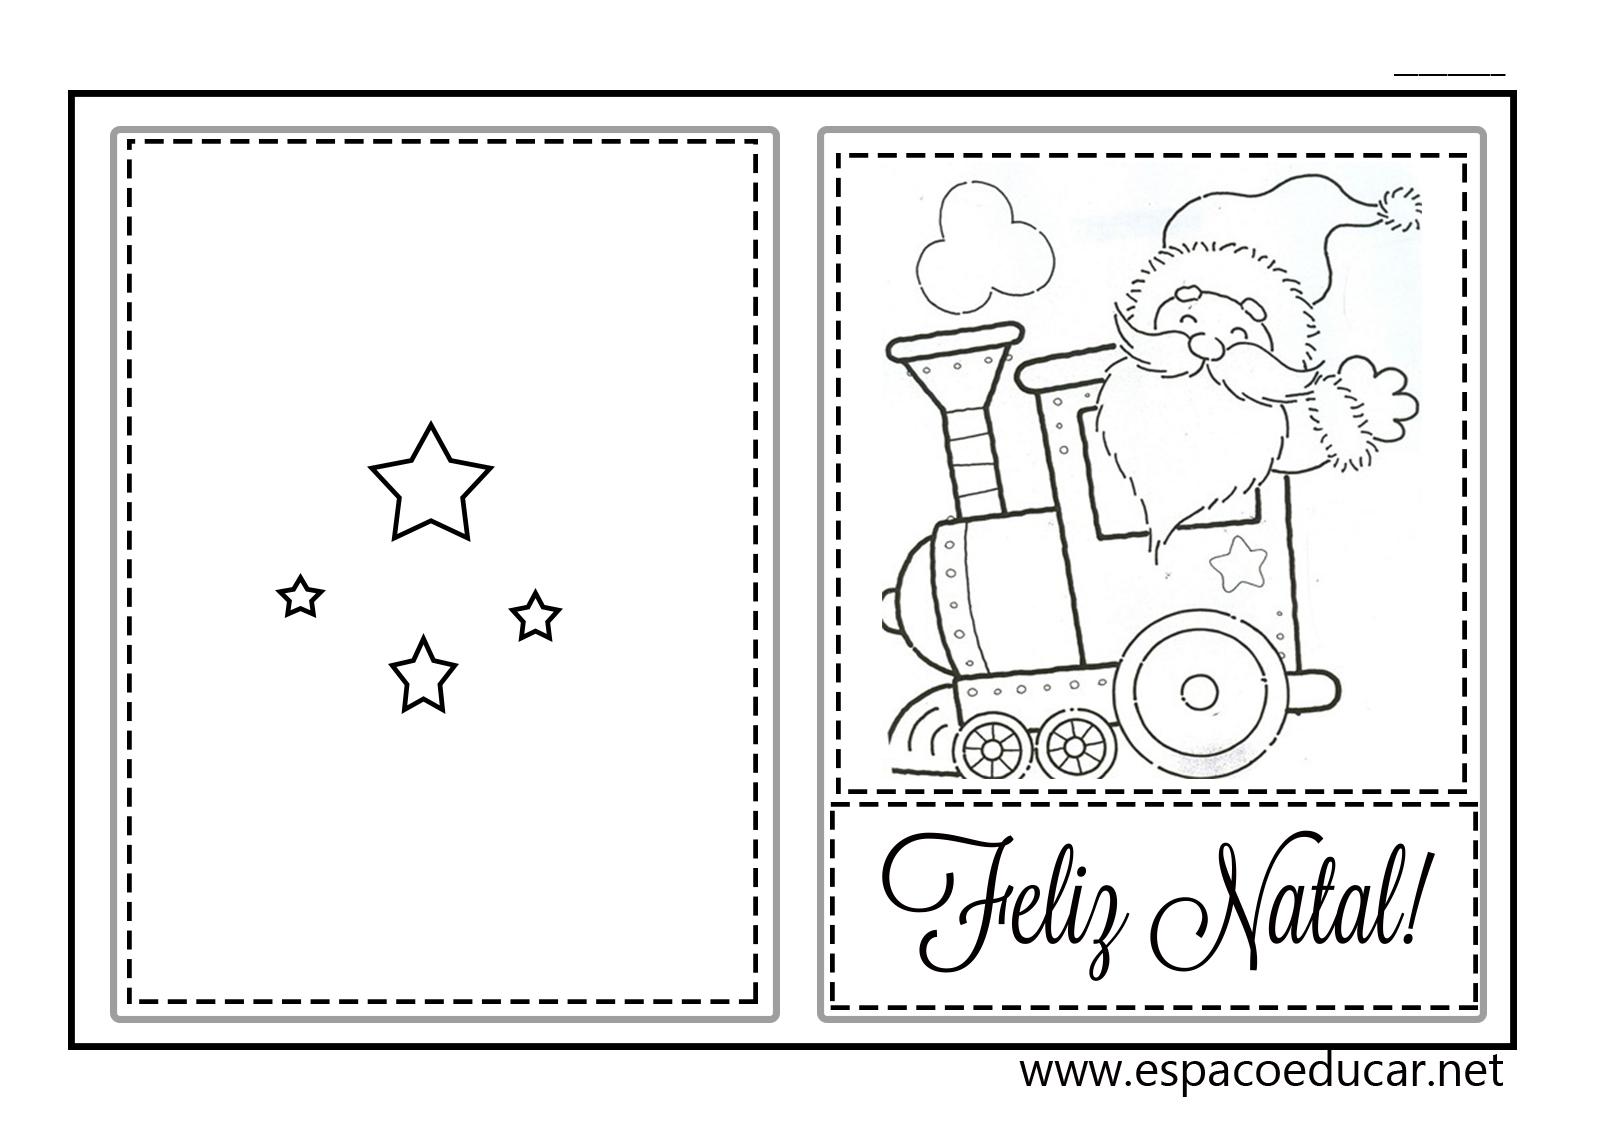 Muito ESPAÇO EDUCAR: Lindos cartões de Natal prontos para imprimir  DG98